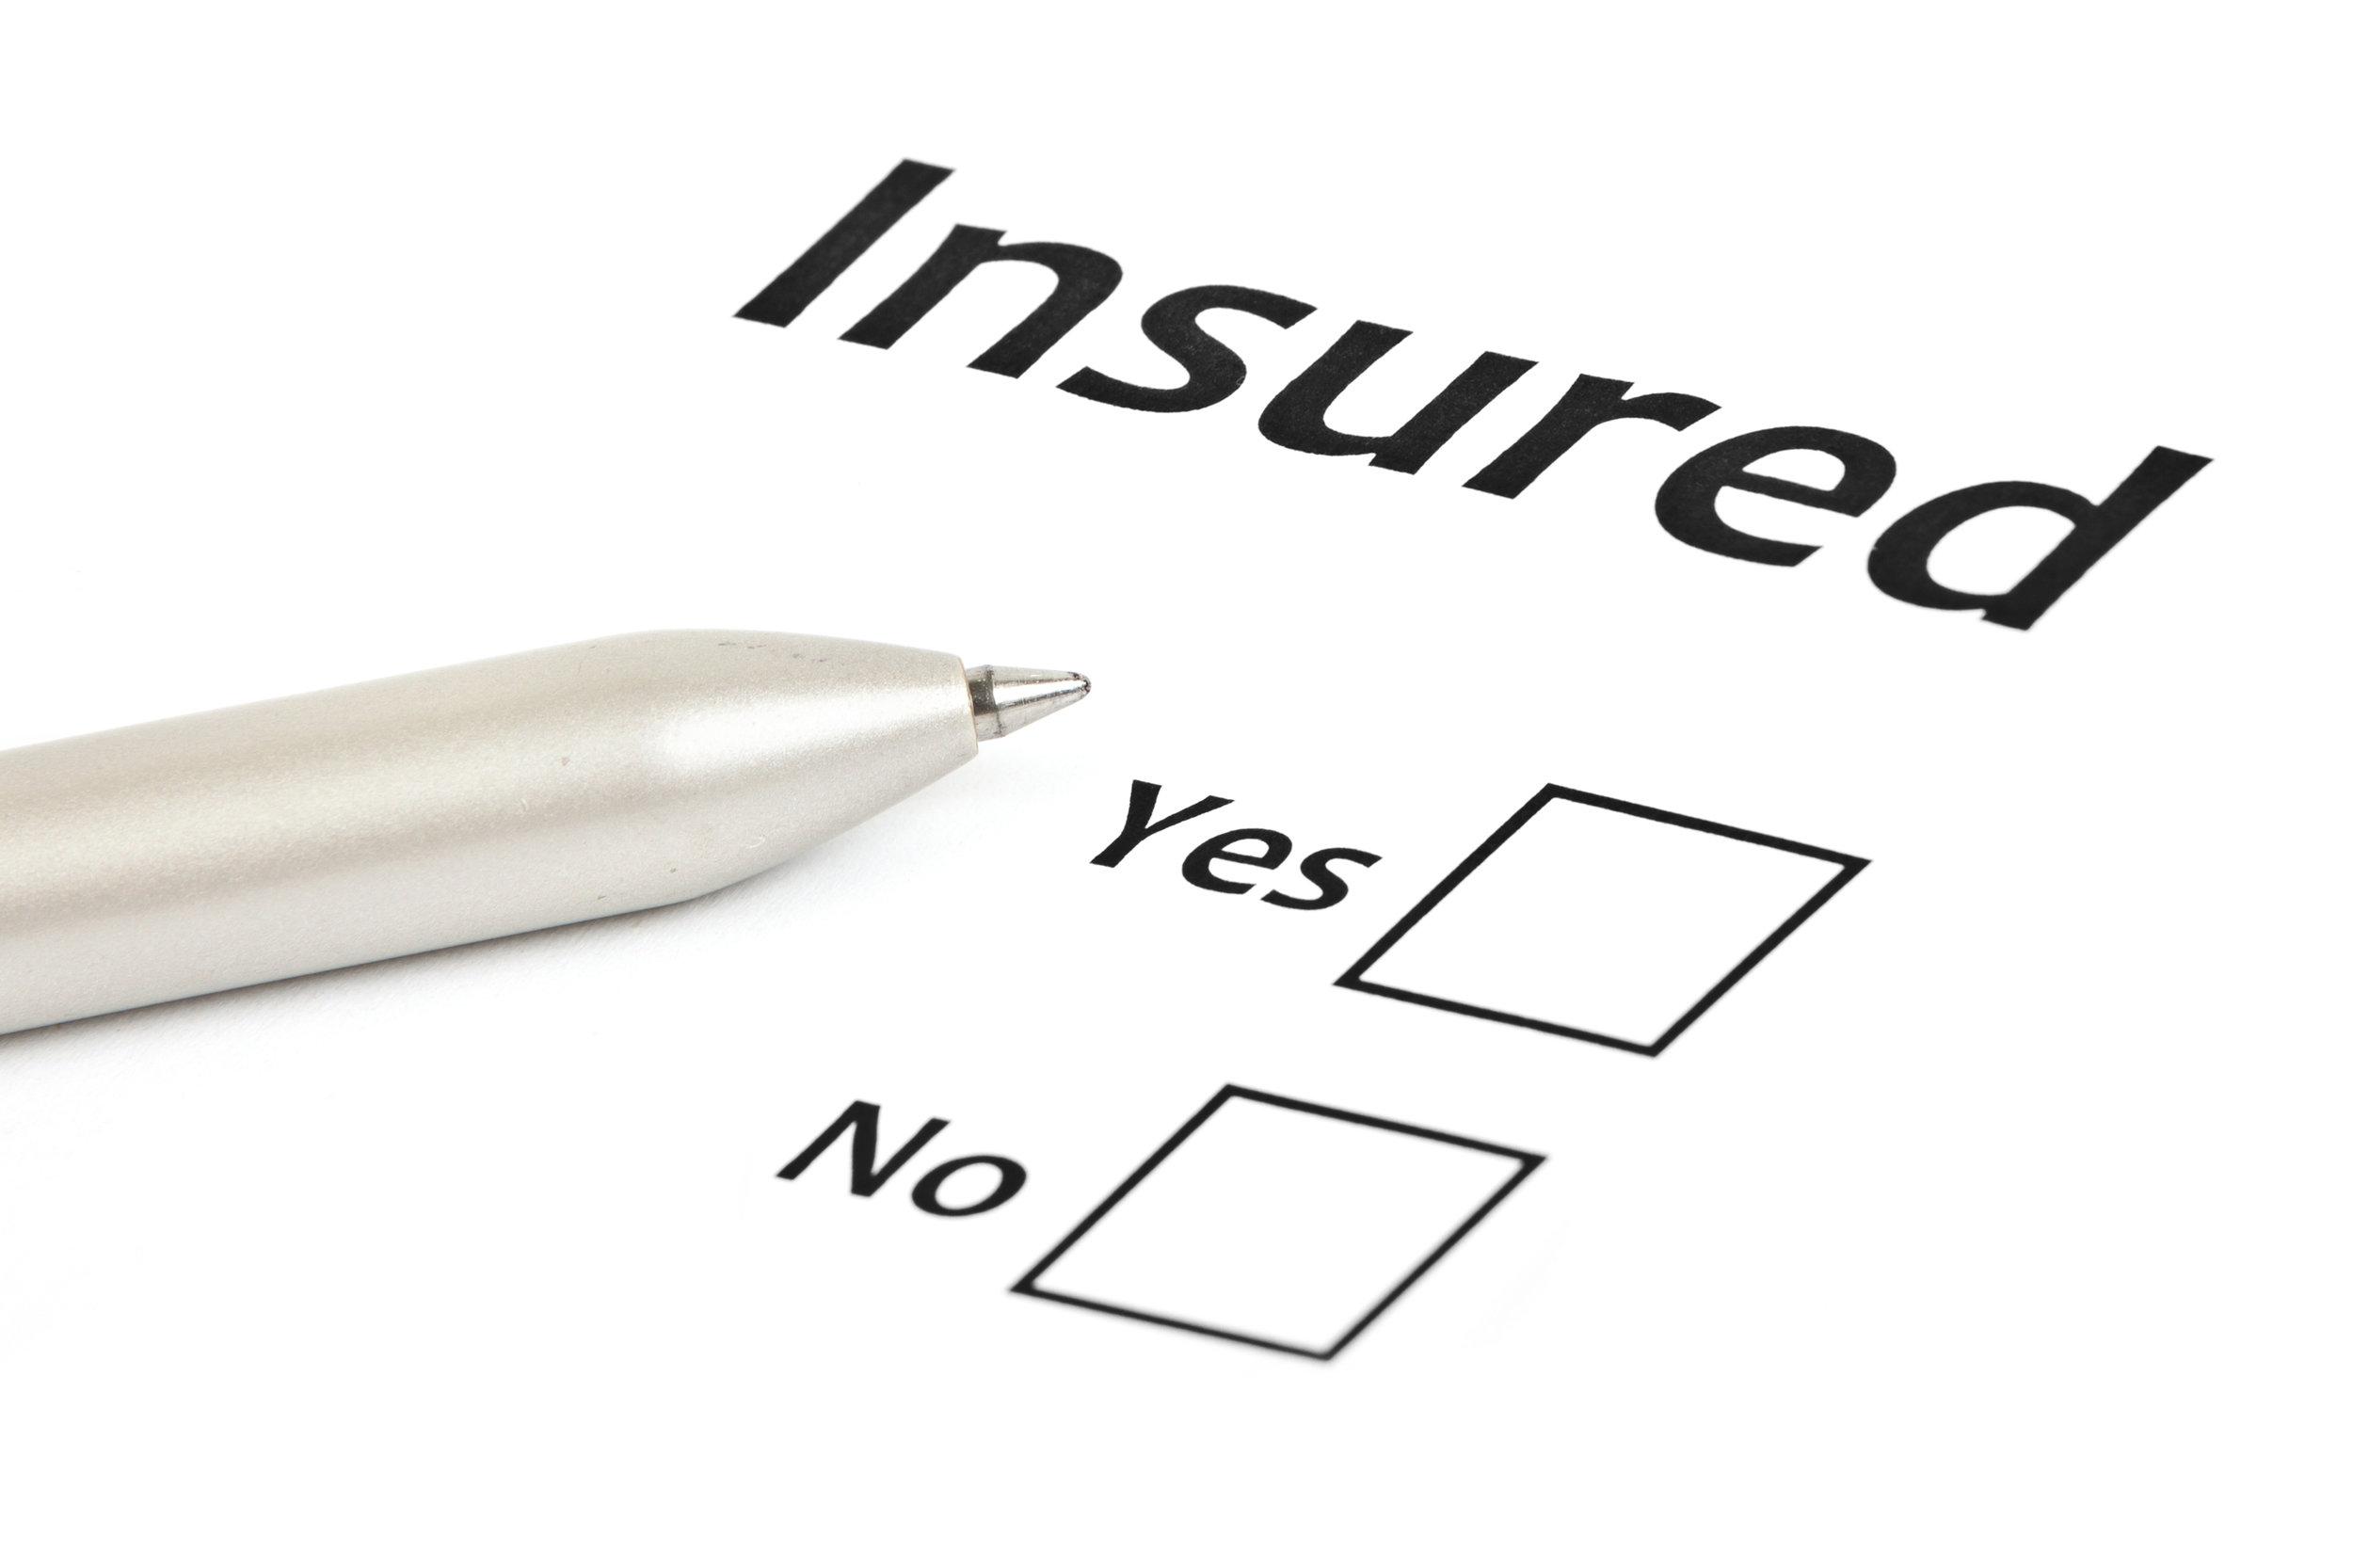 insured_yes_no.jpg